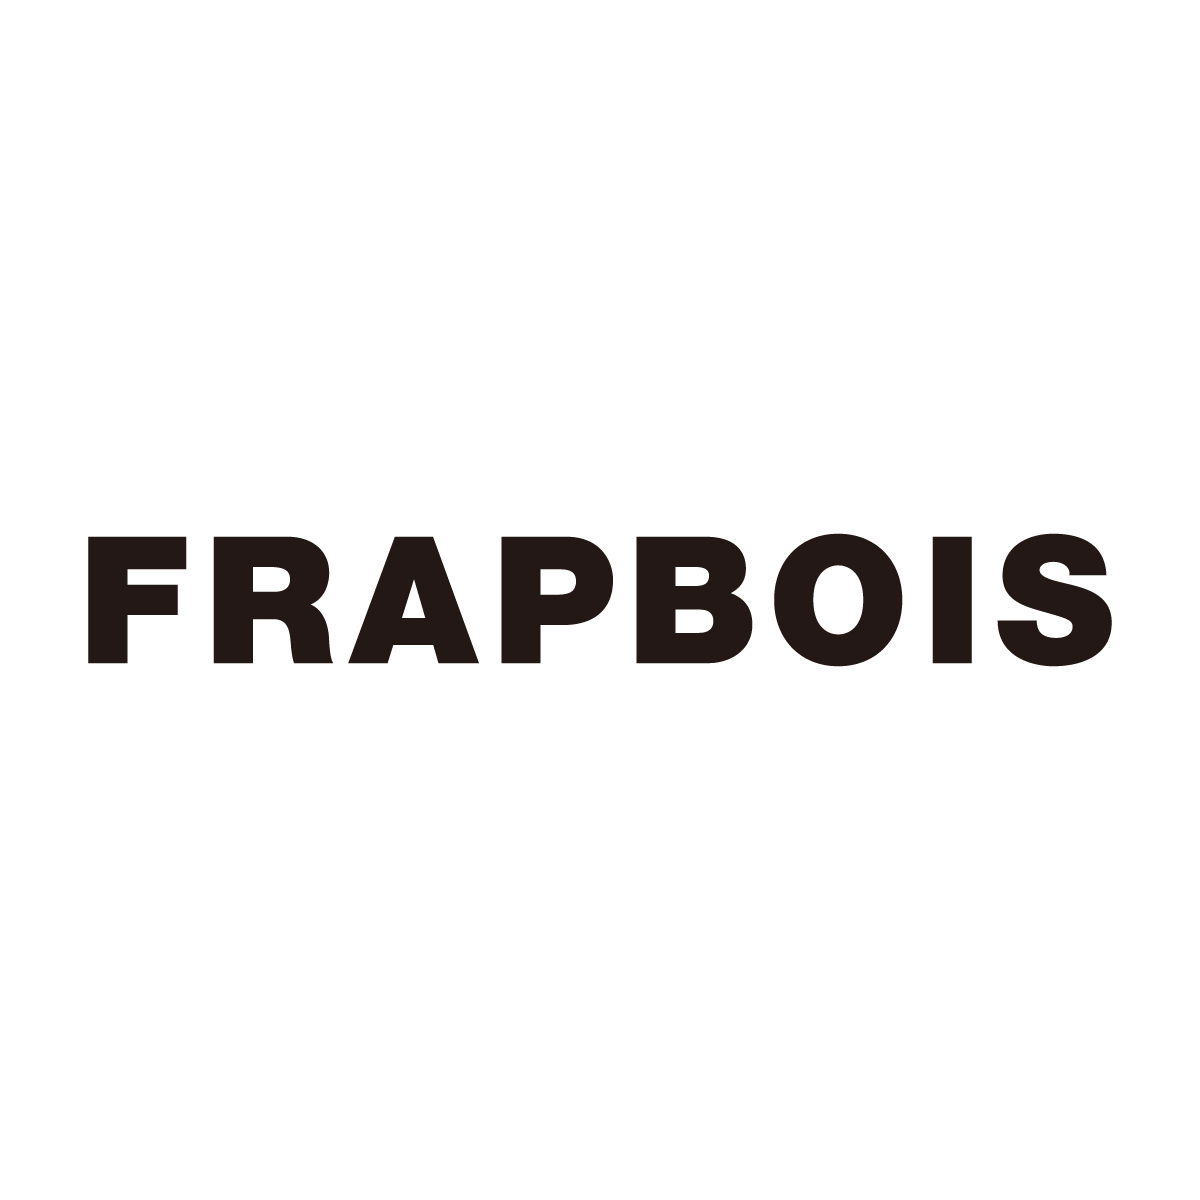 frapbois